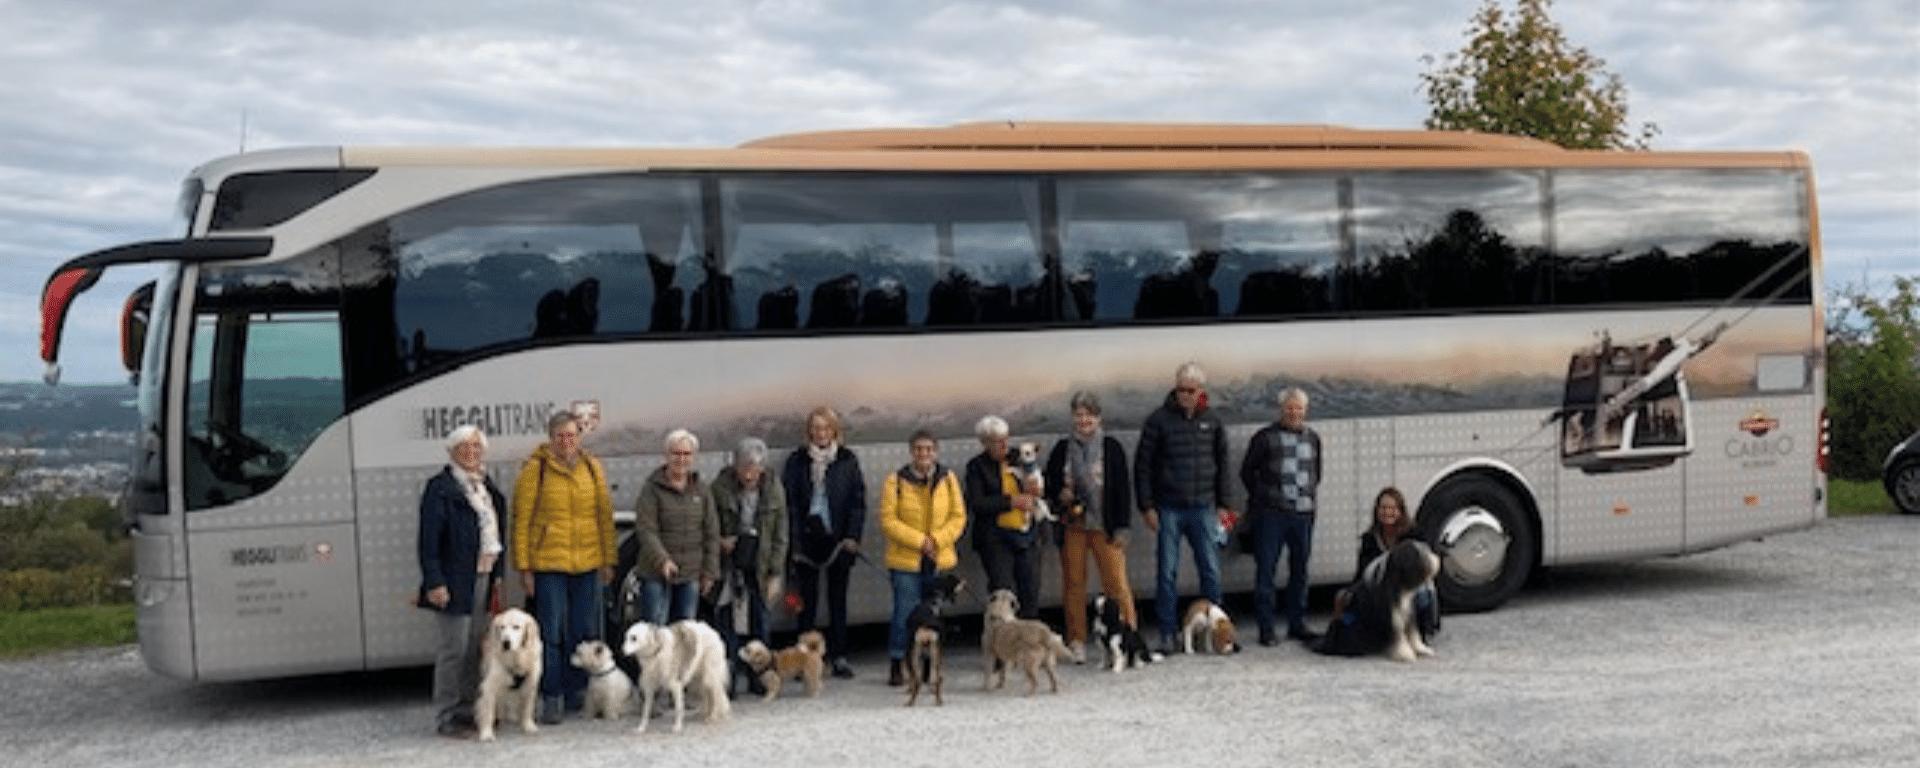 Hundereise Zürich Herbst 2021